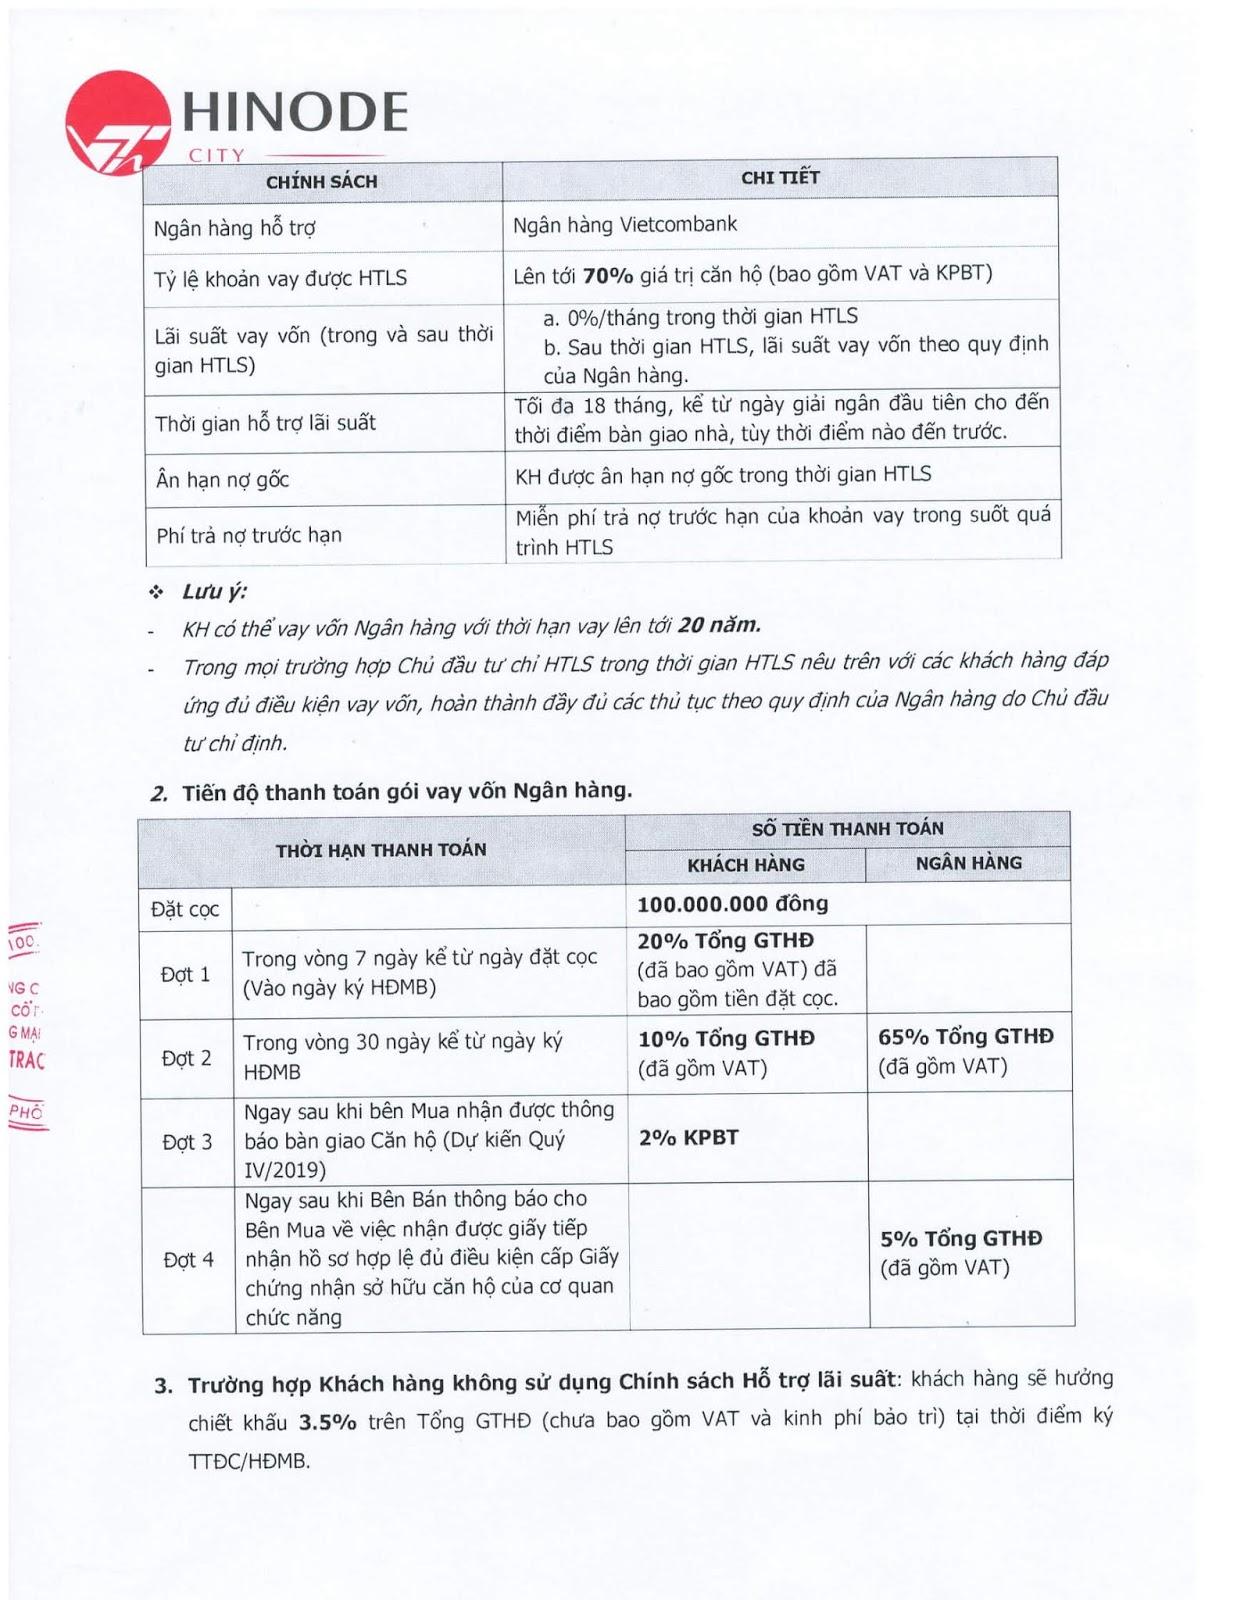 Gói vay hỗ trợ tài chính tại dự án 201 Minh Khai